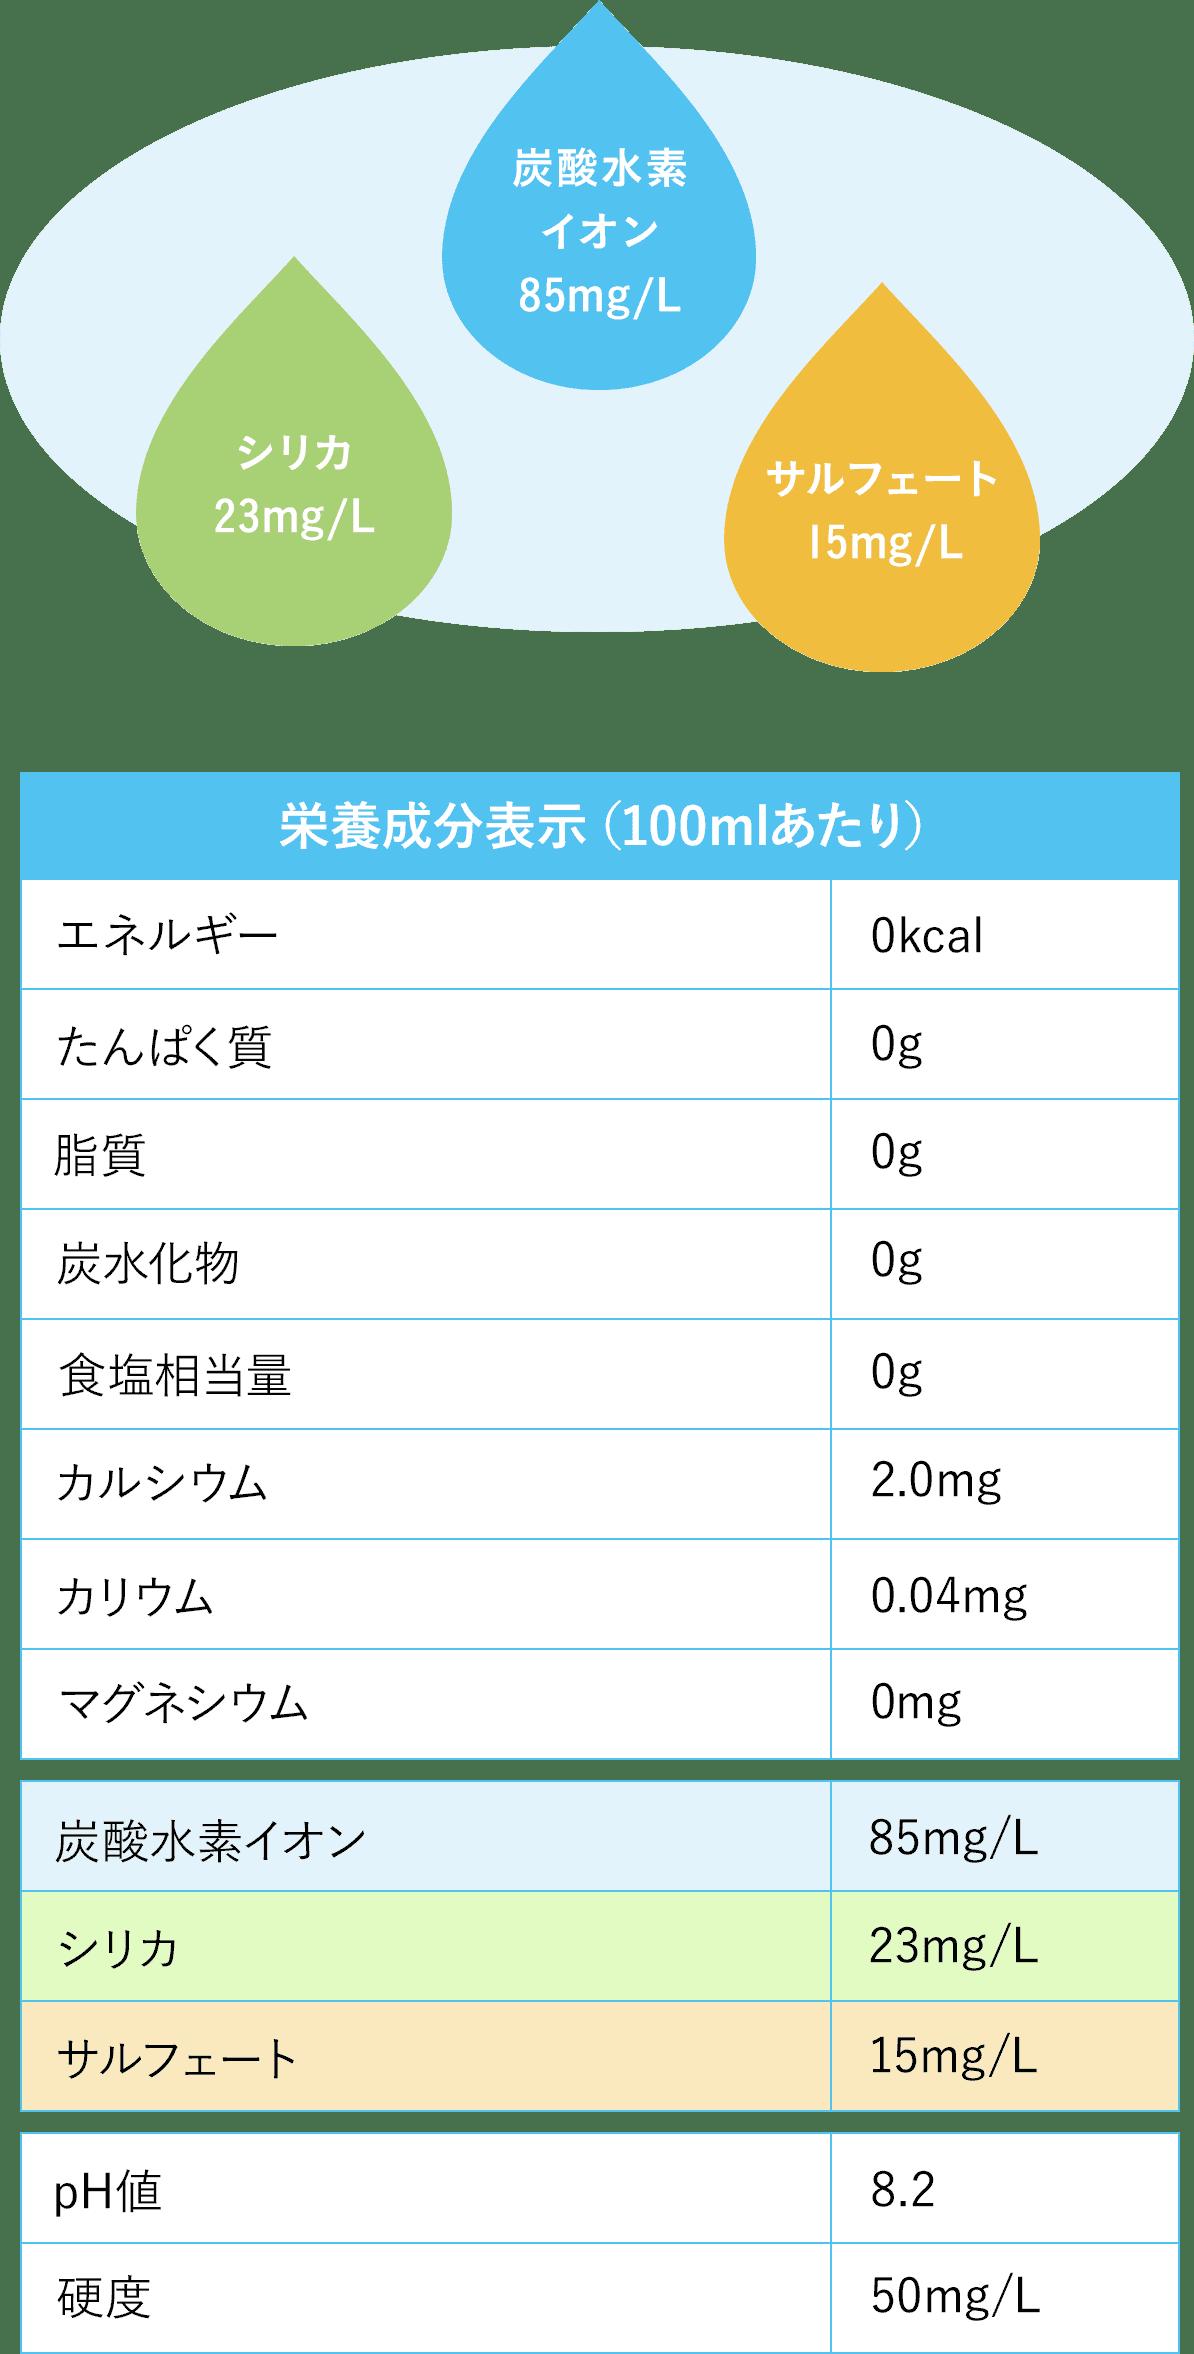 栄養成分表表示